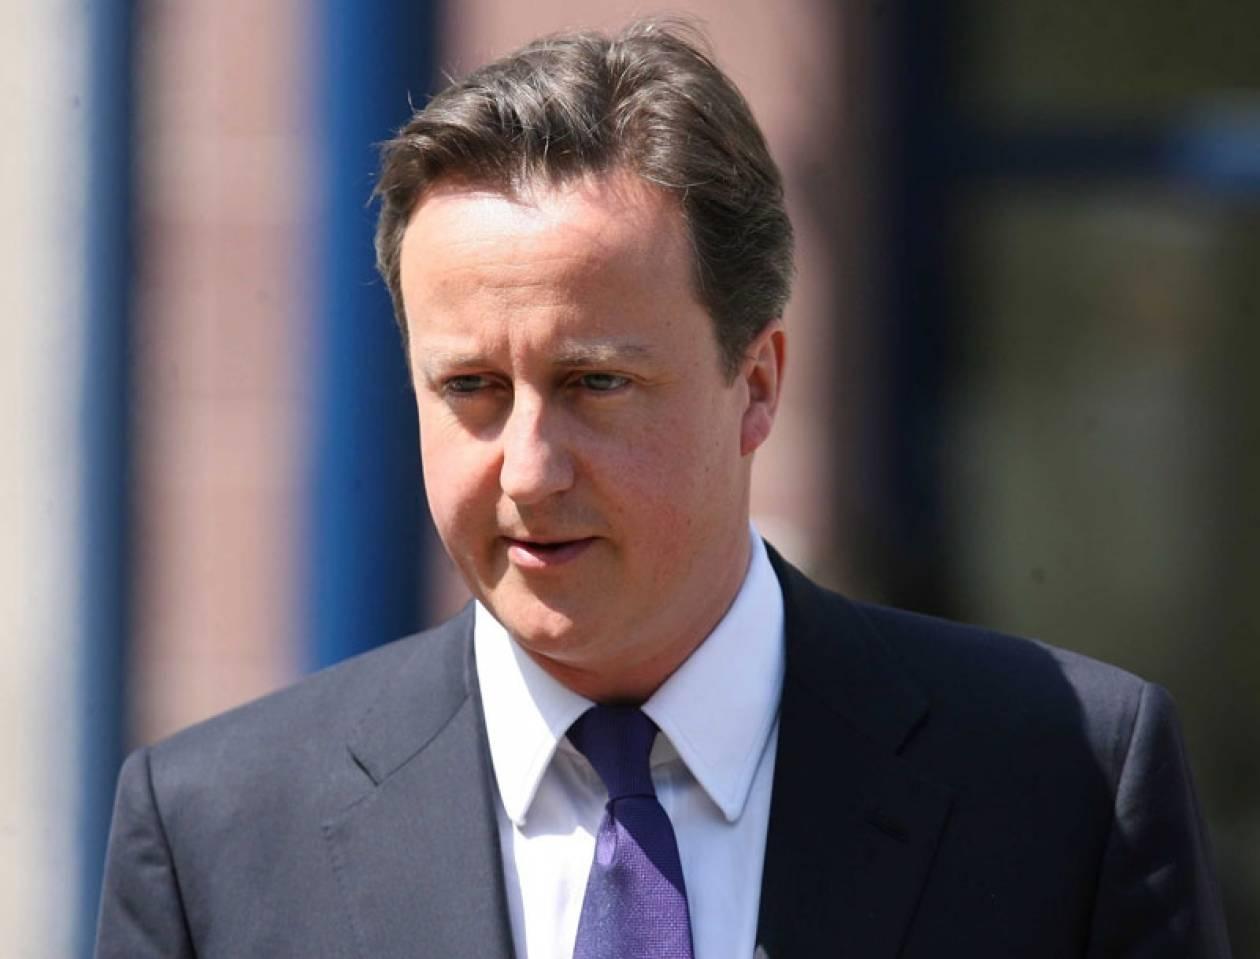 Έκκληση Κάμερον προς Σκωτία: «Μην κάνετε άλμα στο άγνωστο»